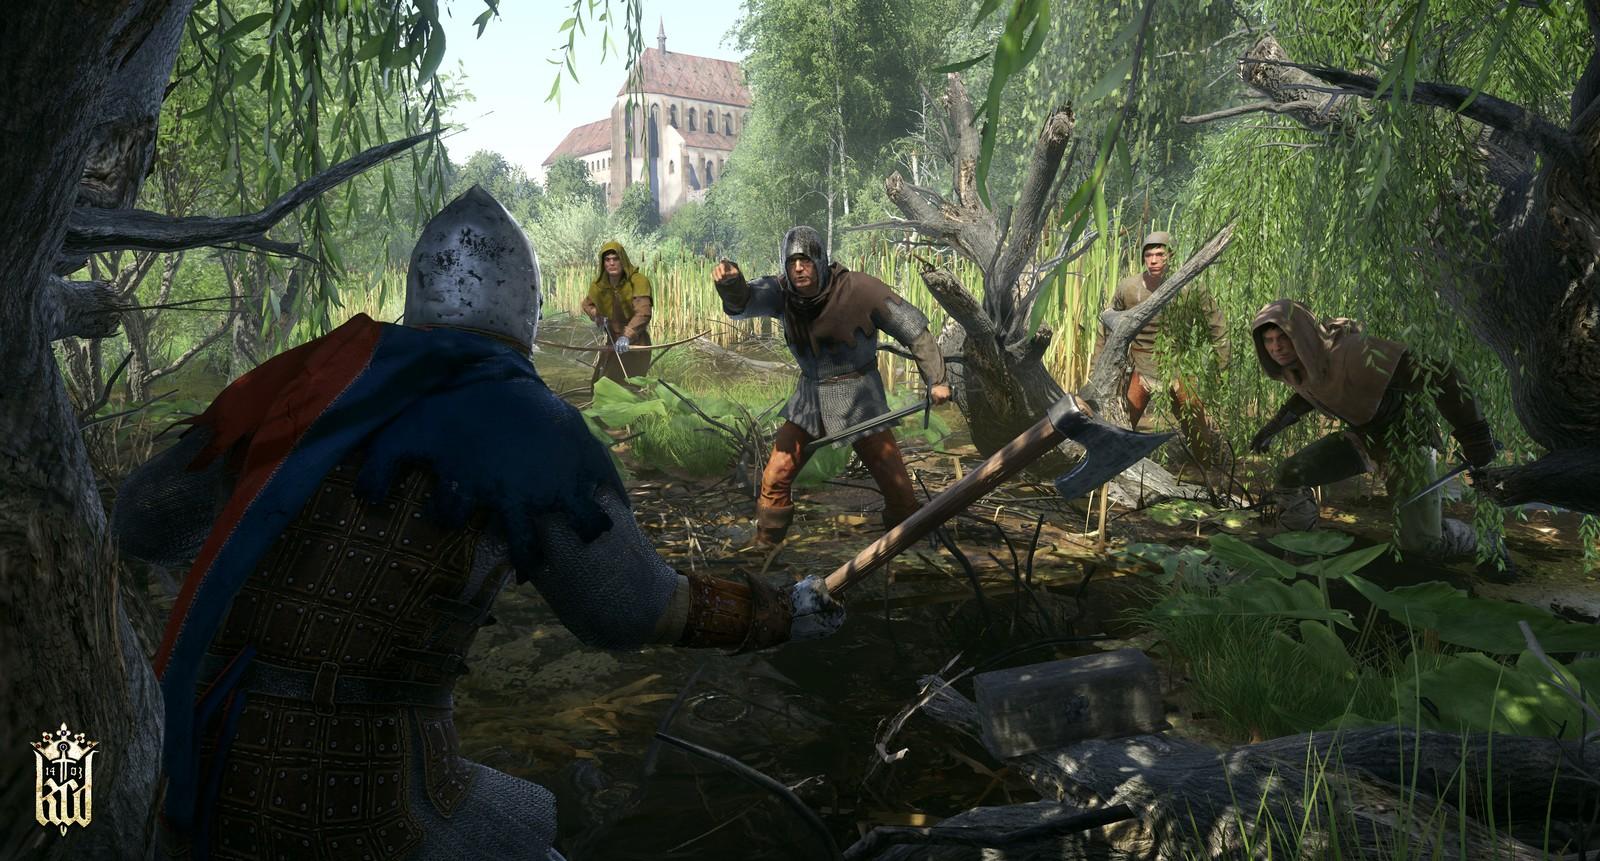 INFOS / RUMEURS sur des nouveaux jeux vidéos à venir | Consoles PS4, XBOX ONE, WII U, PC & SWITCH. - Page 15 Screenshot_11_marshland_fight